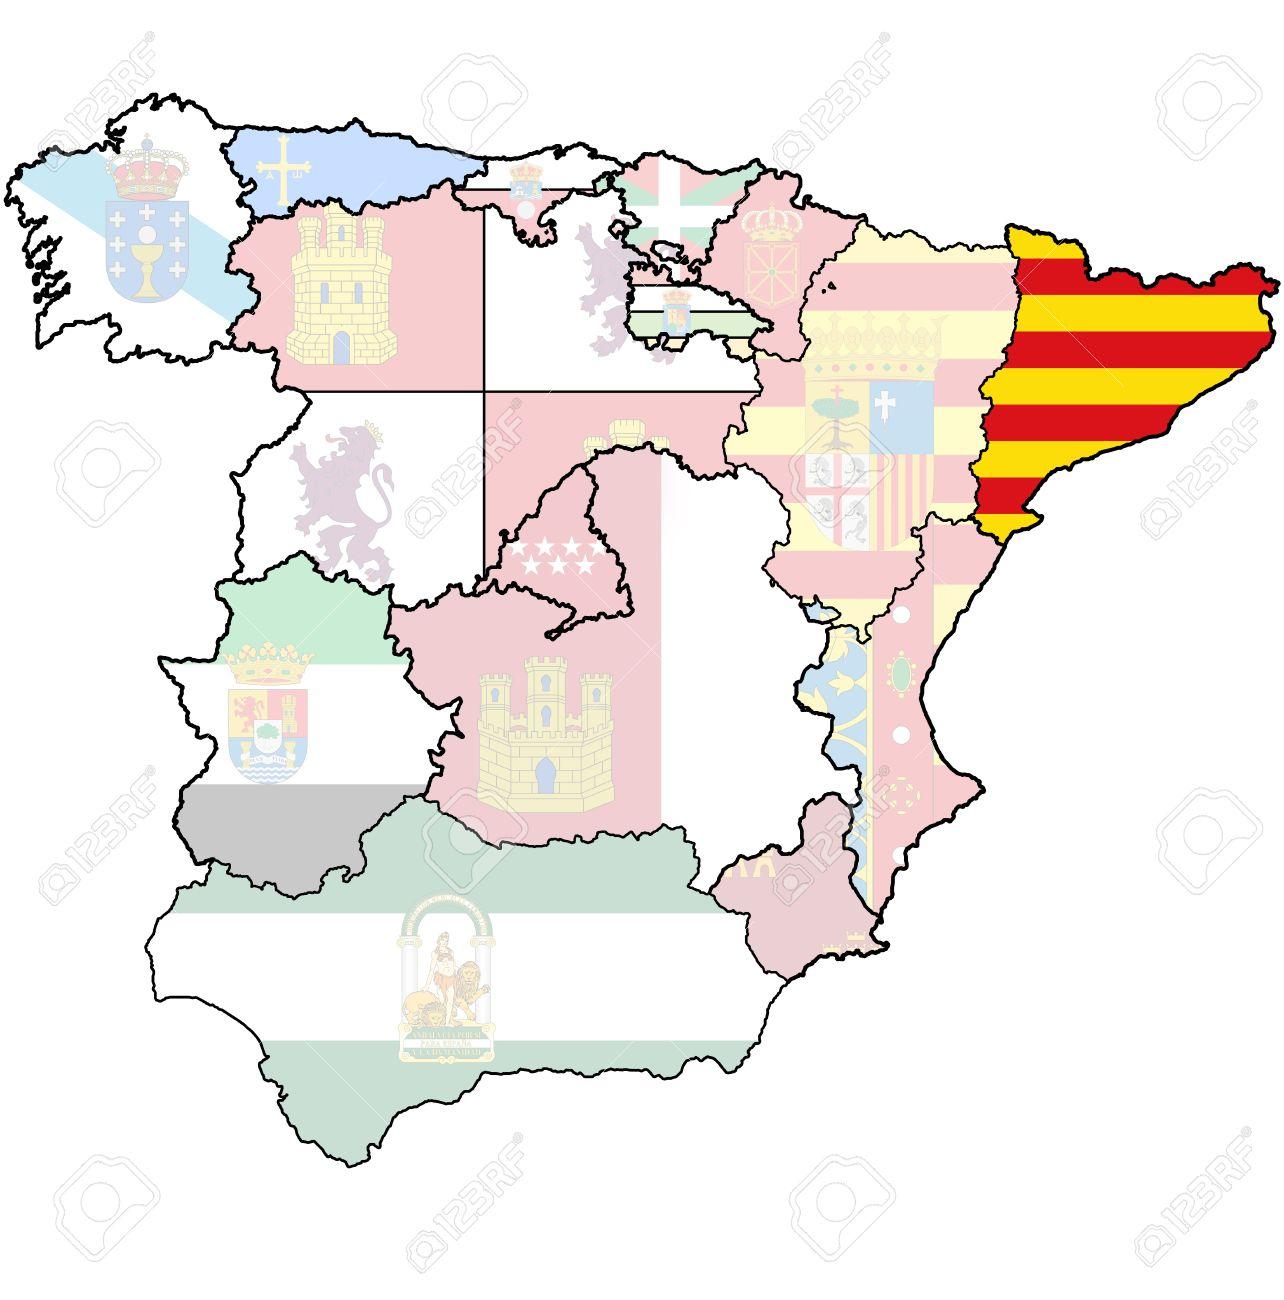 Carte Espagne Telecharger.Region Catalogne Sur Une Carte Administration Des Regions De L